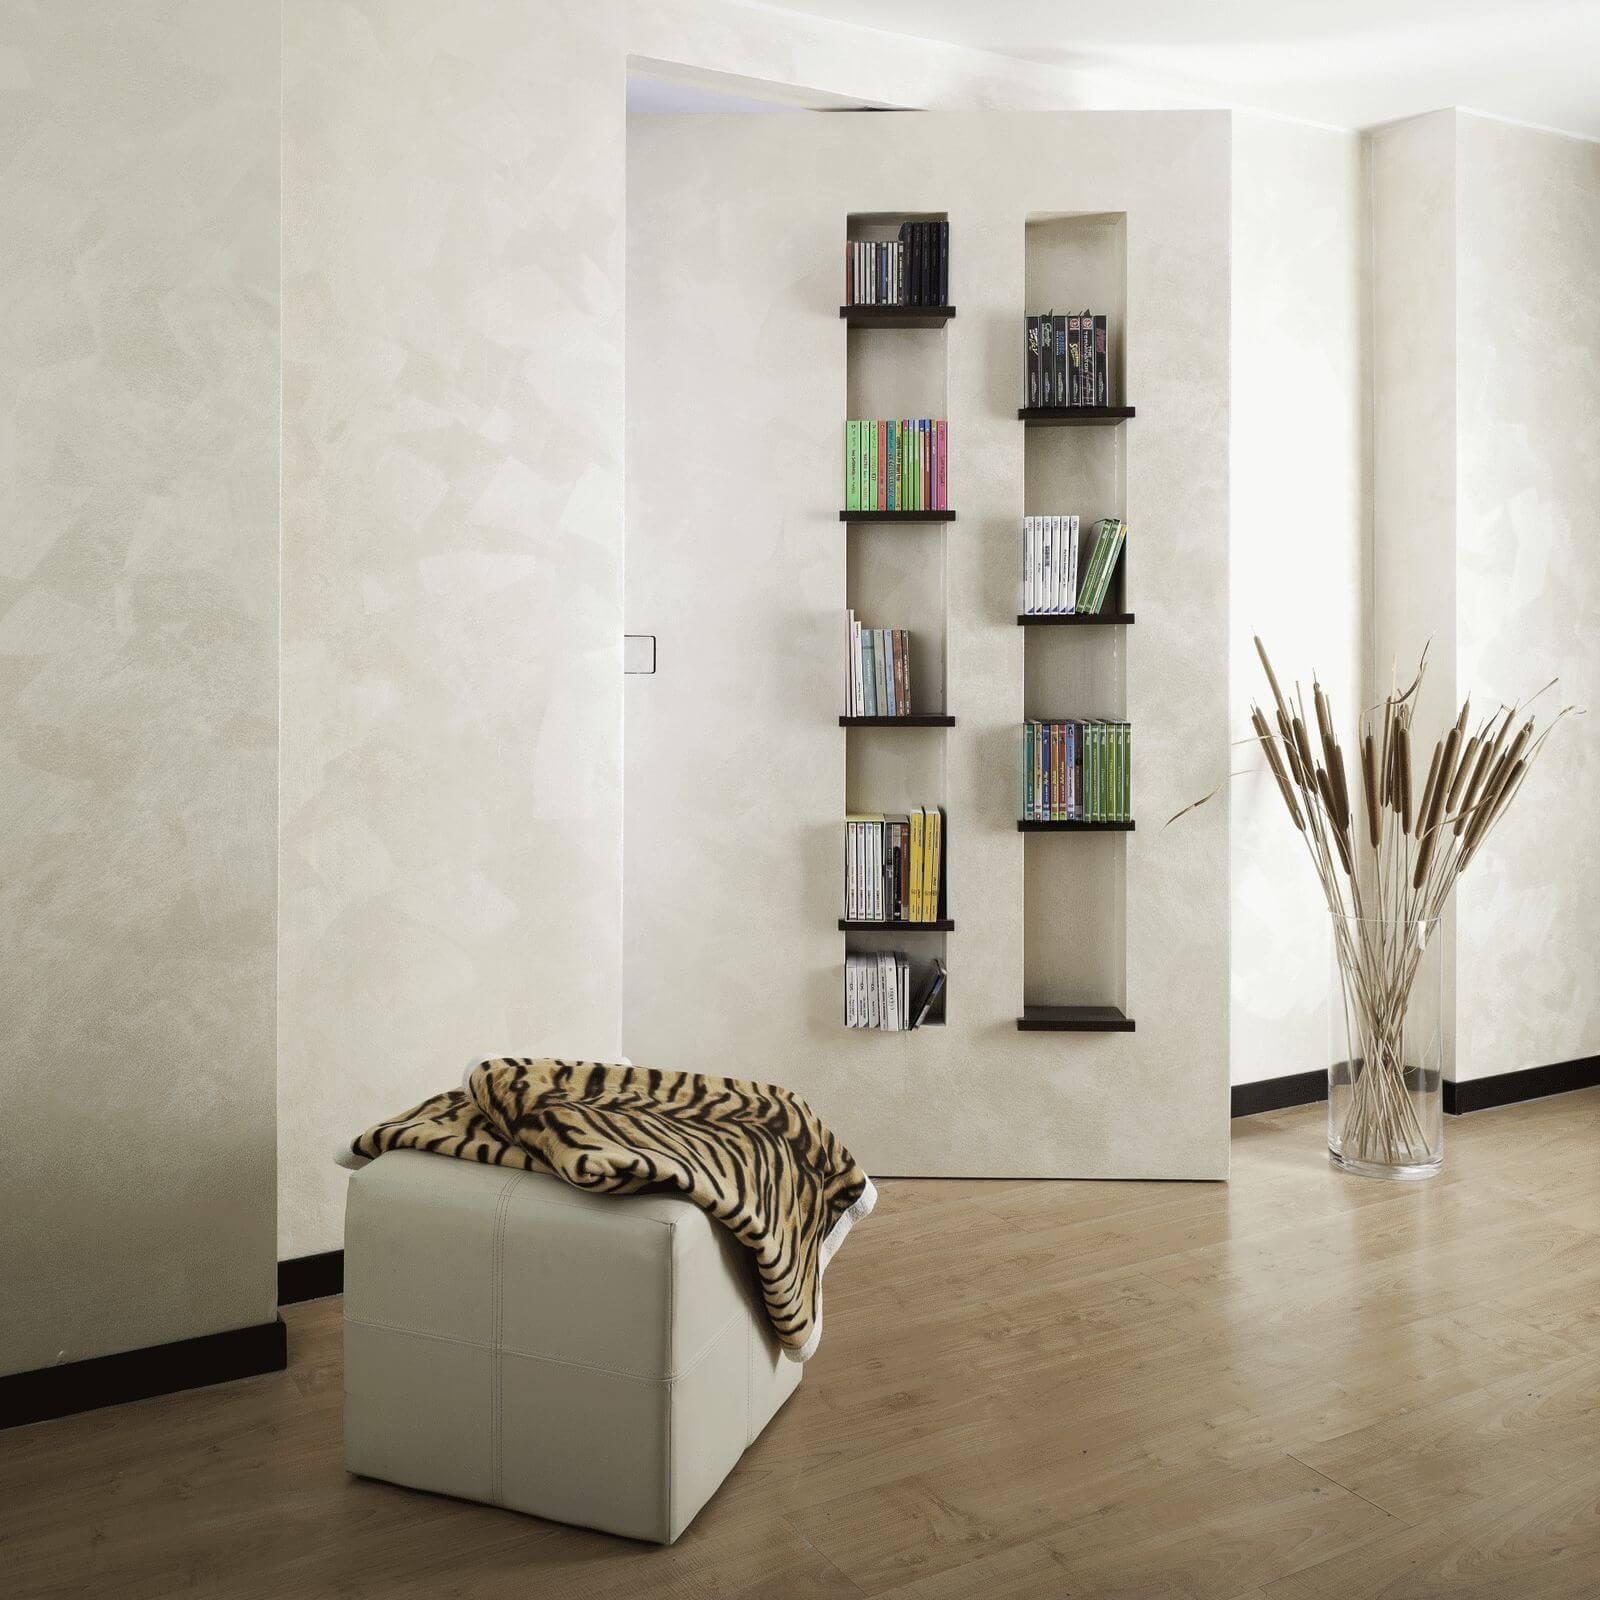 Porta_libreria_linvisibile.jpg